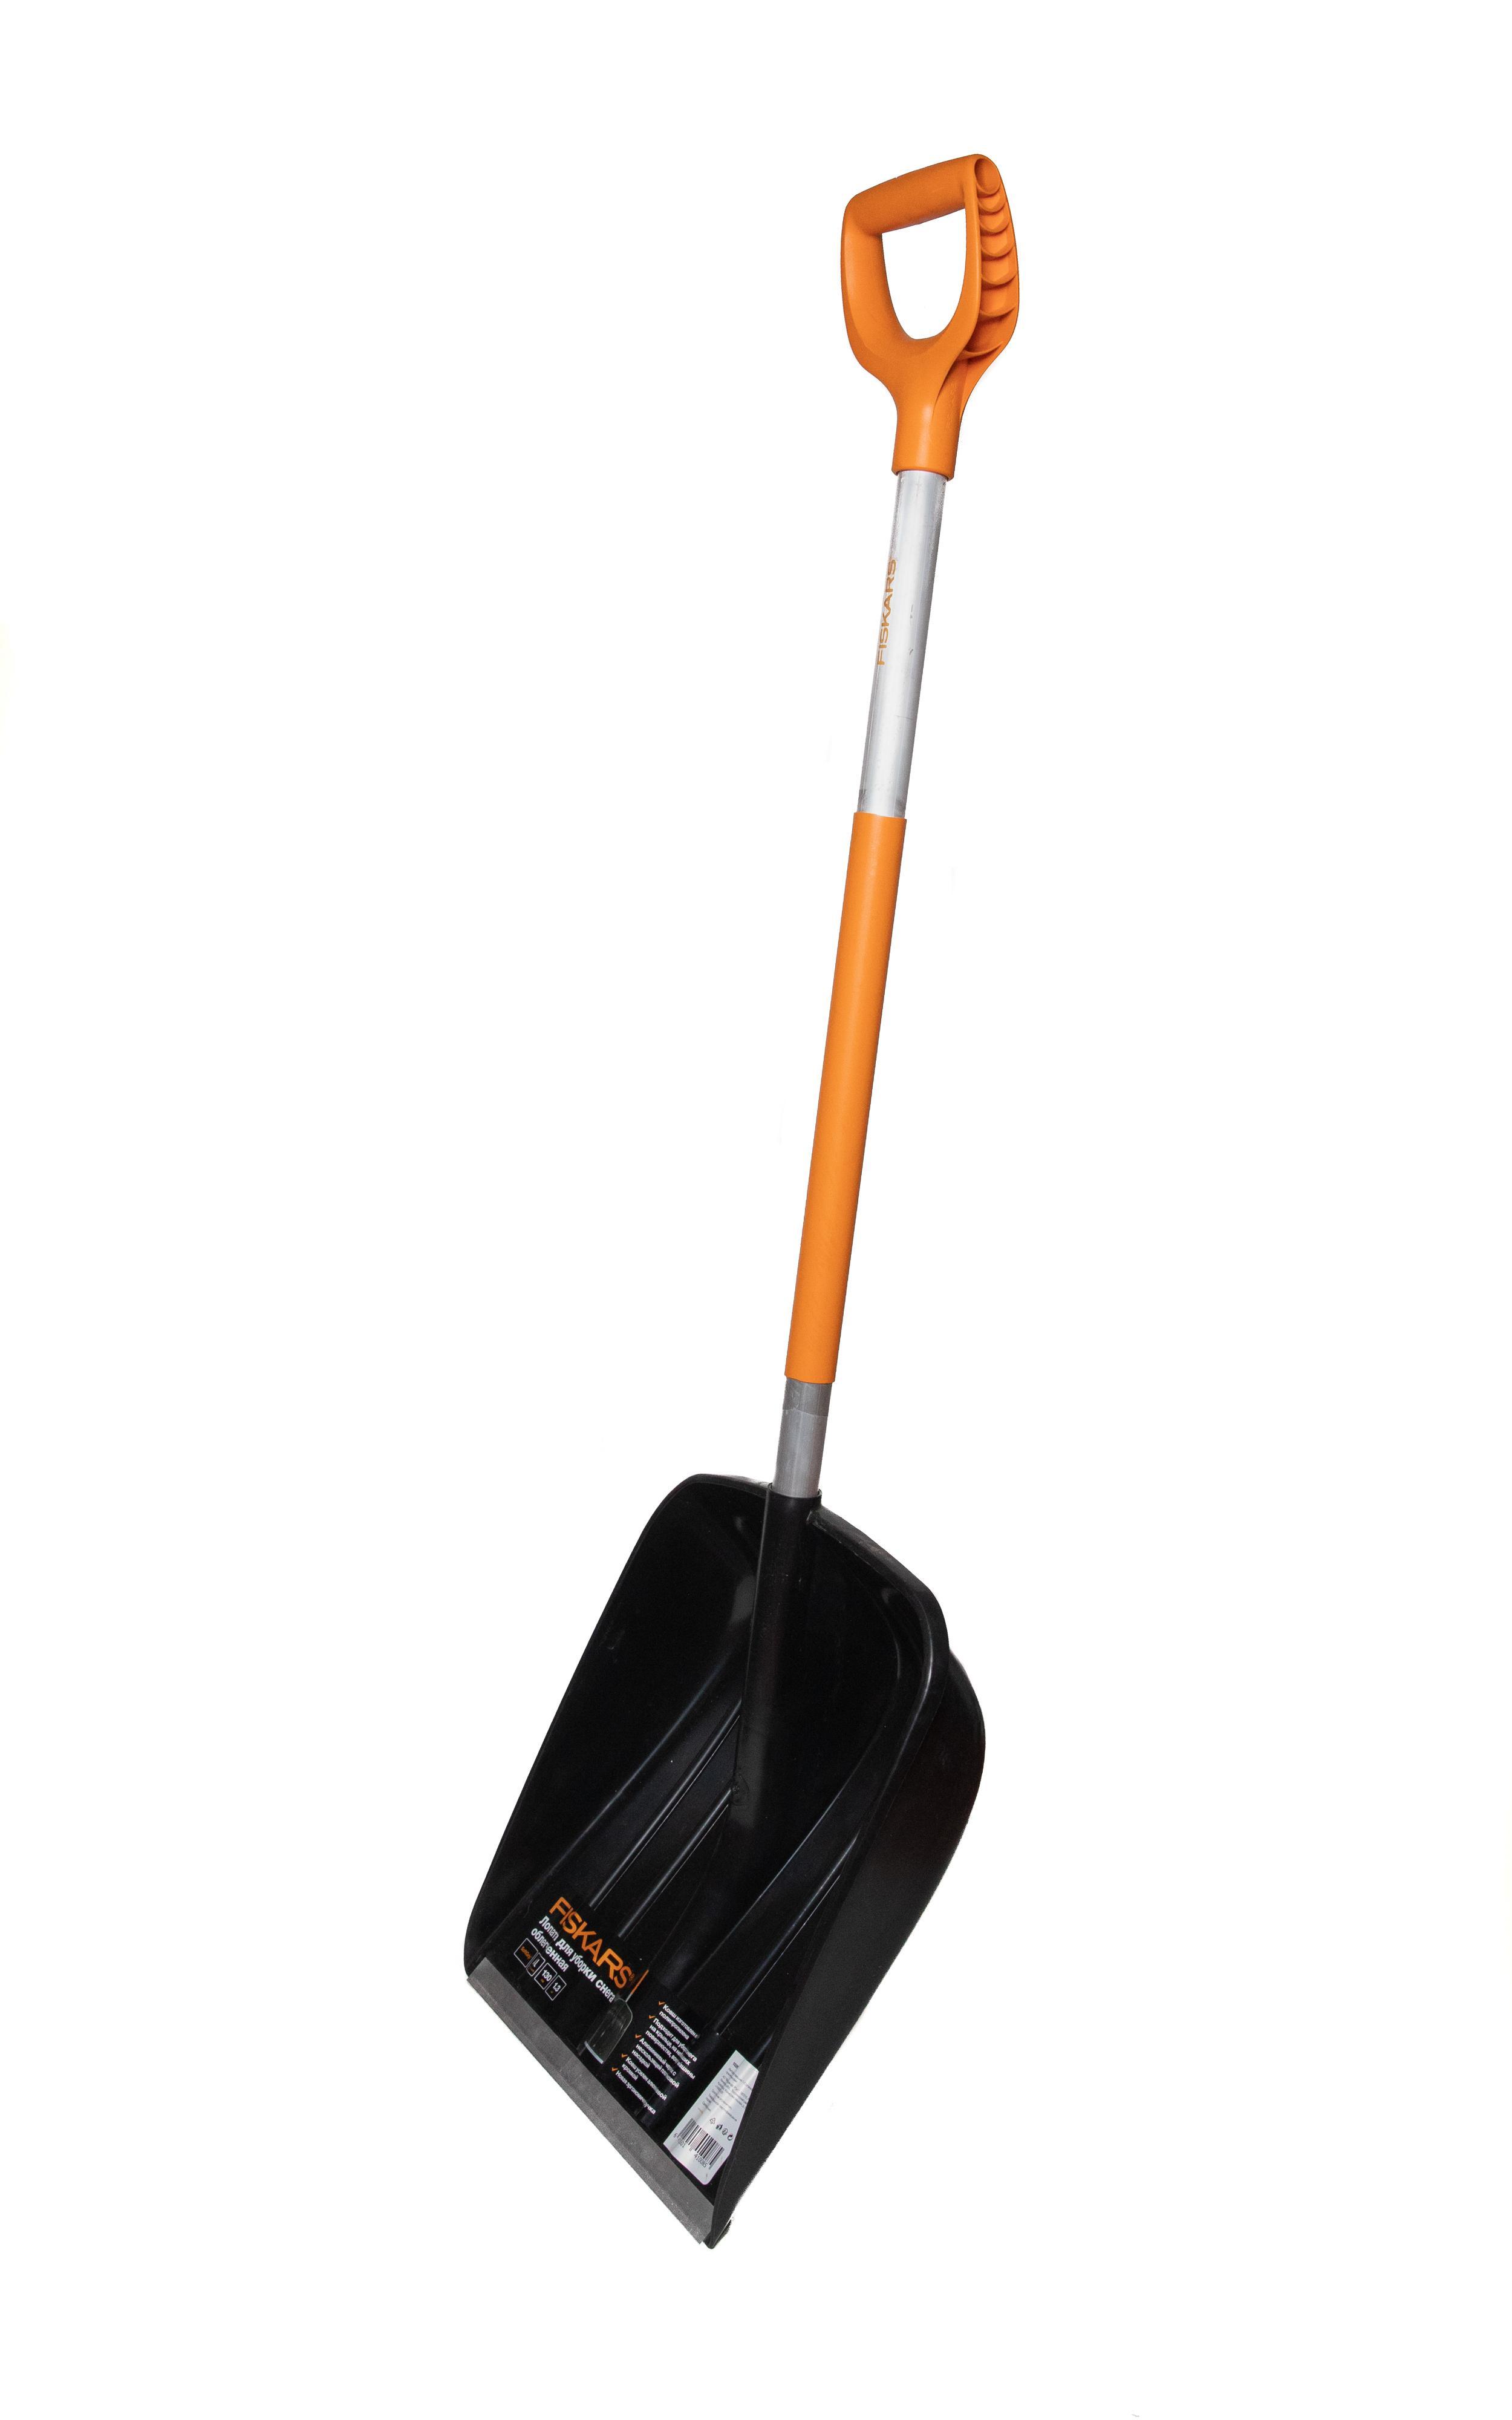 Лопата для снега облегченная Fiskars 1026793 лопата универсальная stels черенок из морозостойкого пластика 205 х 260 мм